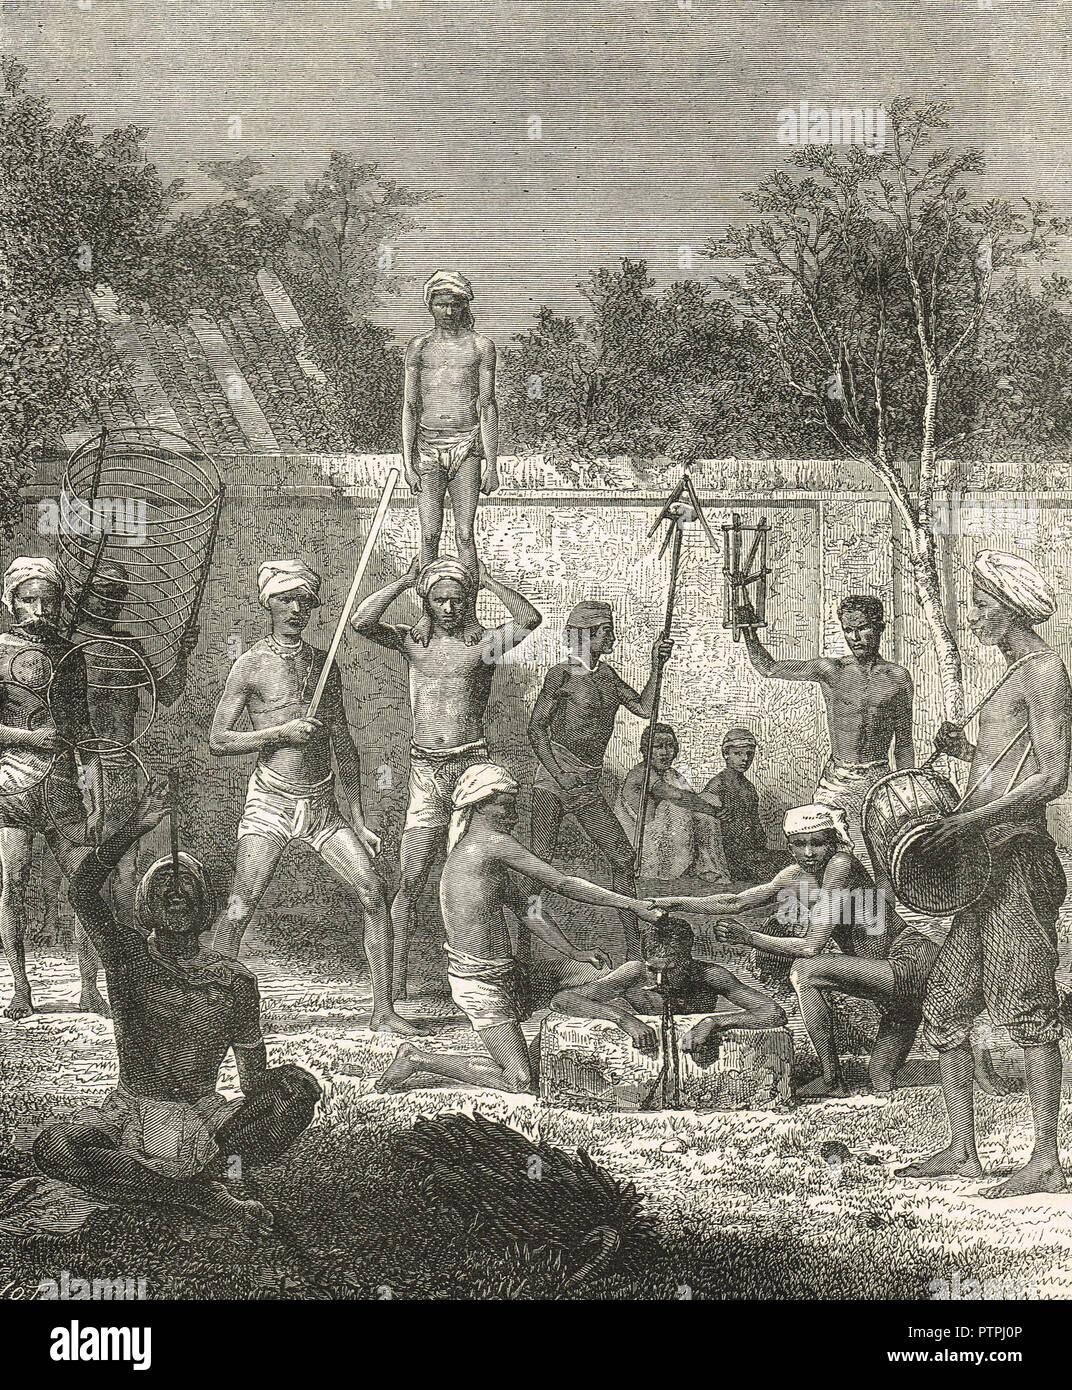 Hindu Straßenkünstler, Gaukler, Sword swallowers, Jongleure, Indien im 19. Jahrhundert Stockfoto